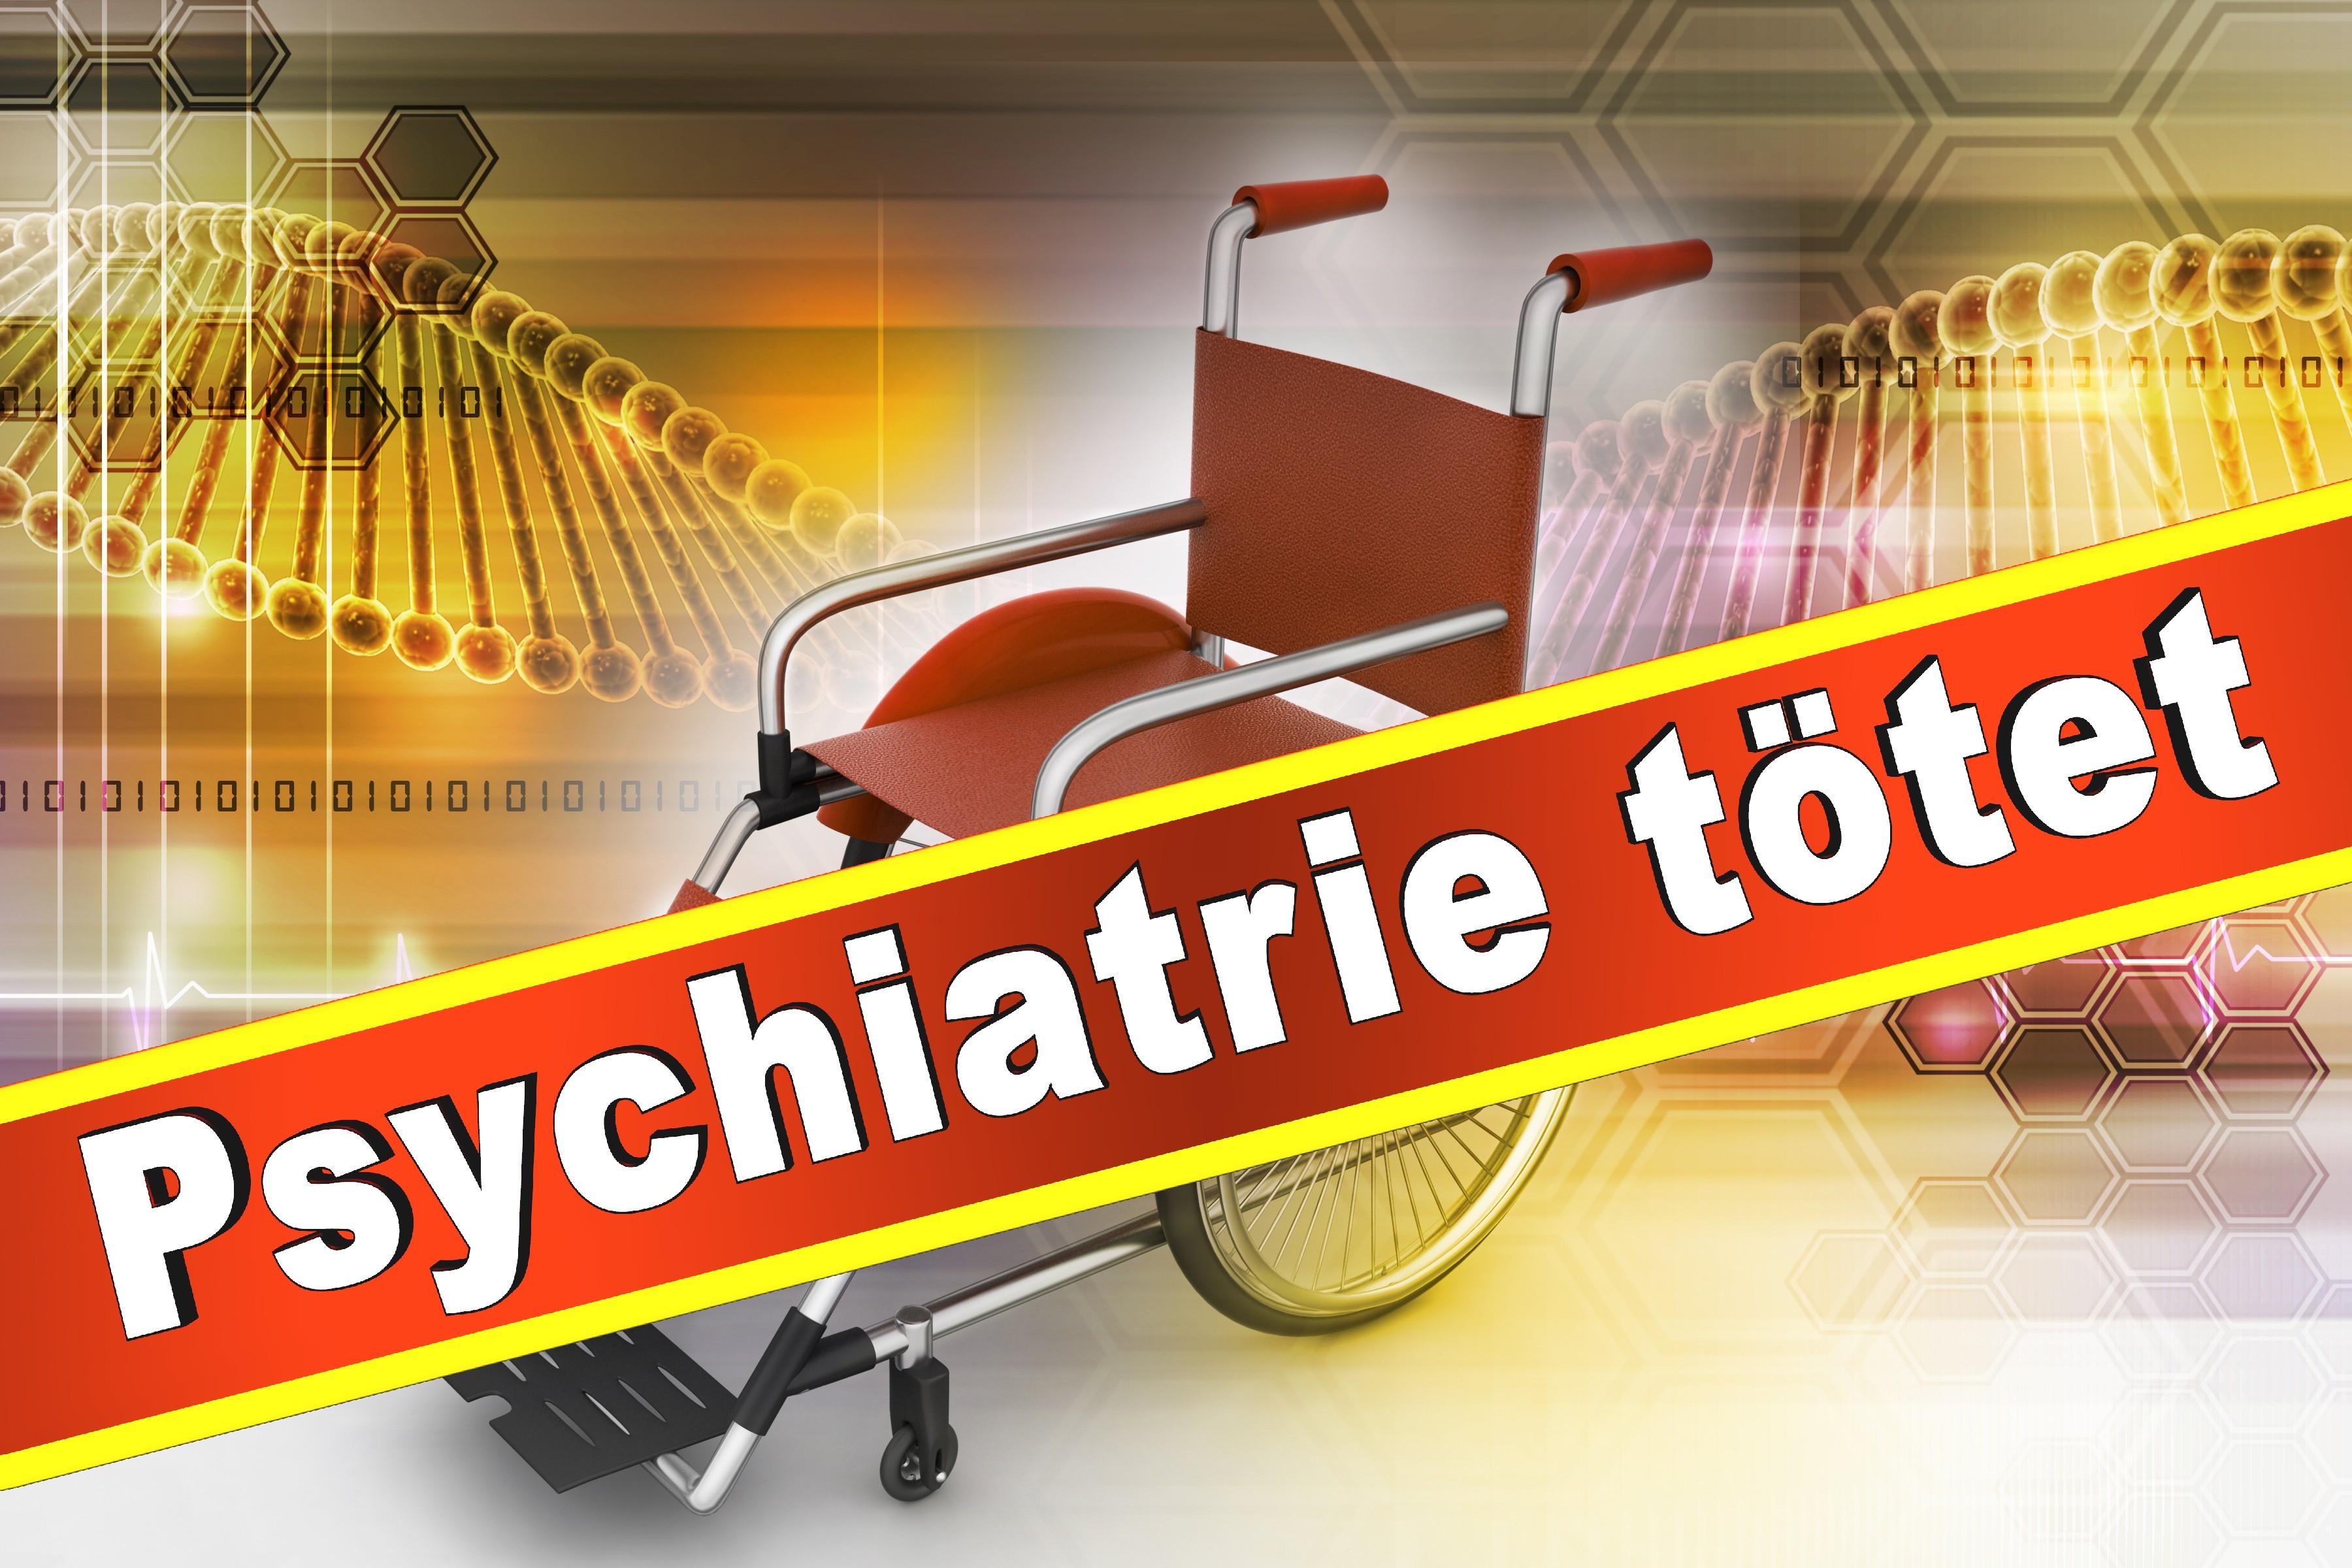 Wielant Machleidt Psychiater Psychotherapeut Professor Praxis Der Interkulturellen Psychiatrie Und Psychotherapie Medizinische Hochschule Hannover Klinik Für Psychiatrie Sozialpsychiatrie (17)